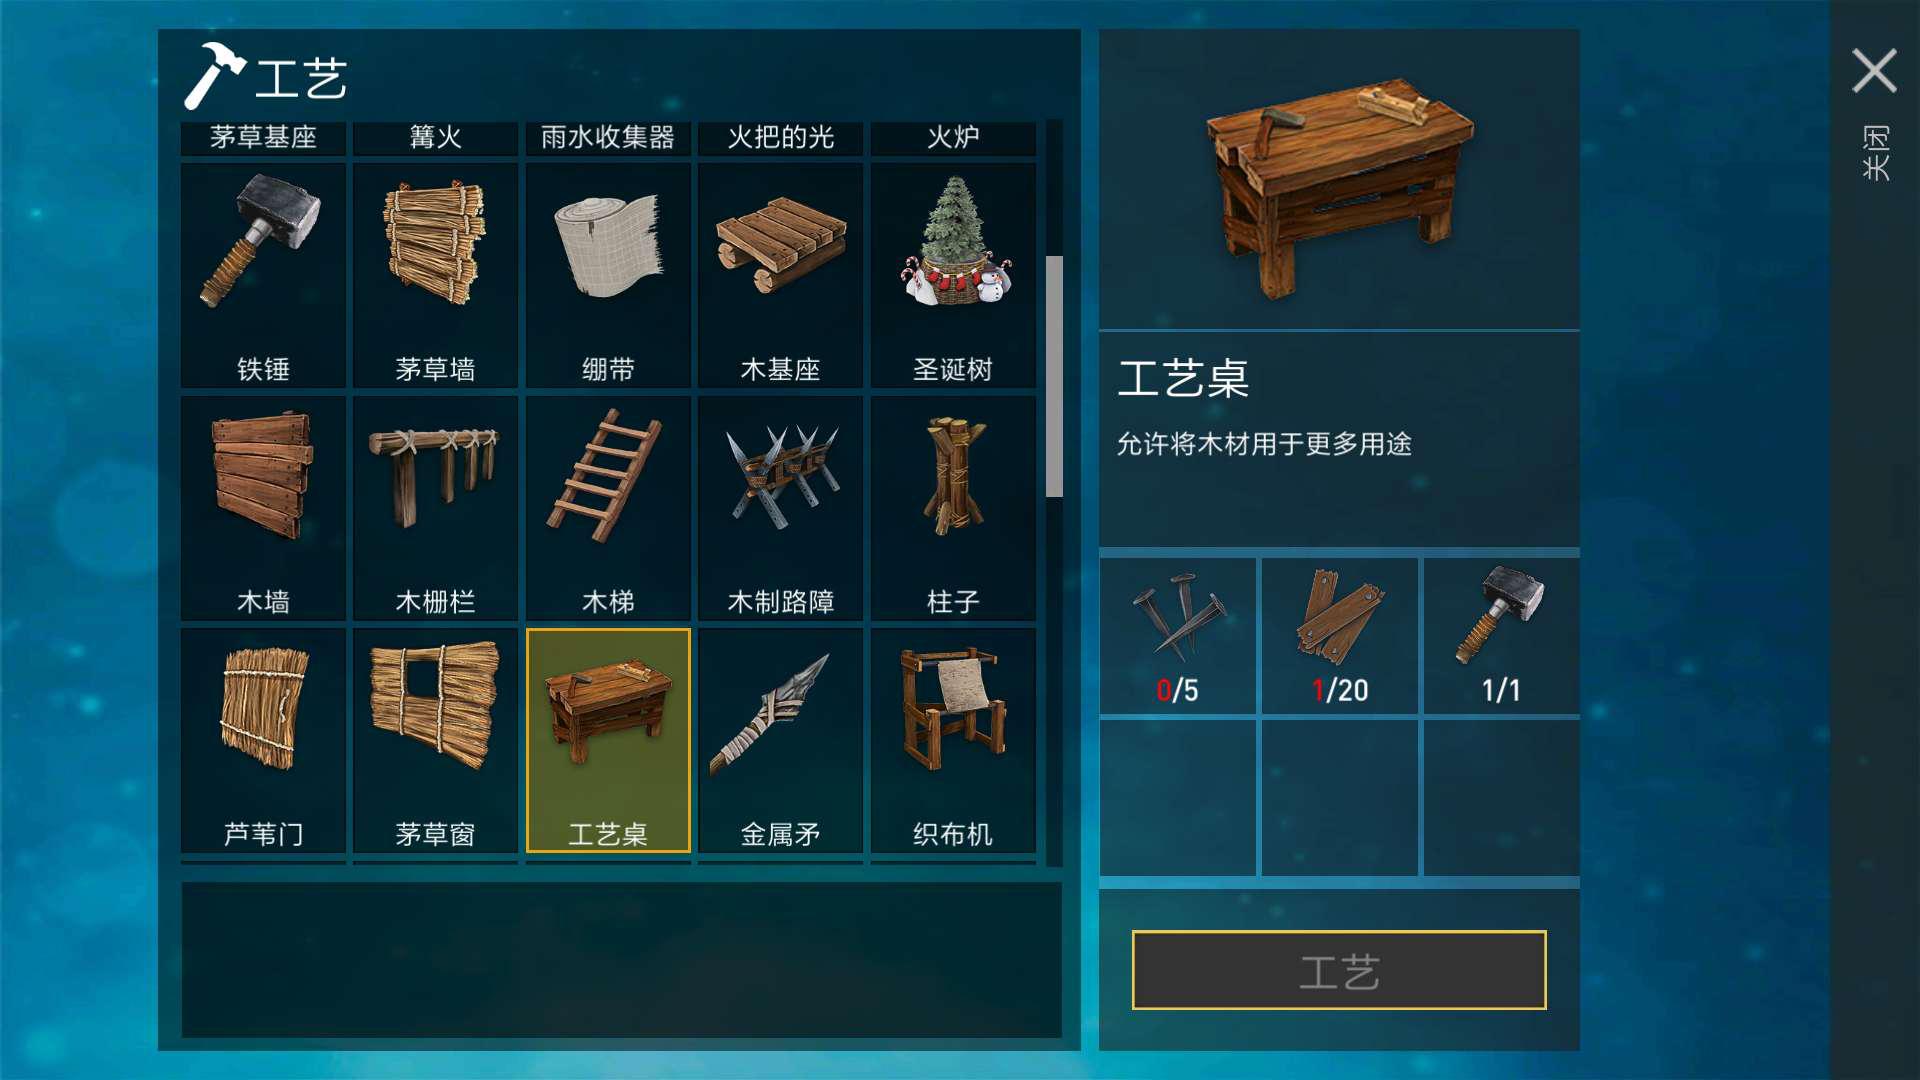 木筏求生绝地生存工作台怎么做,能做出什么东西?